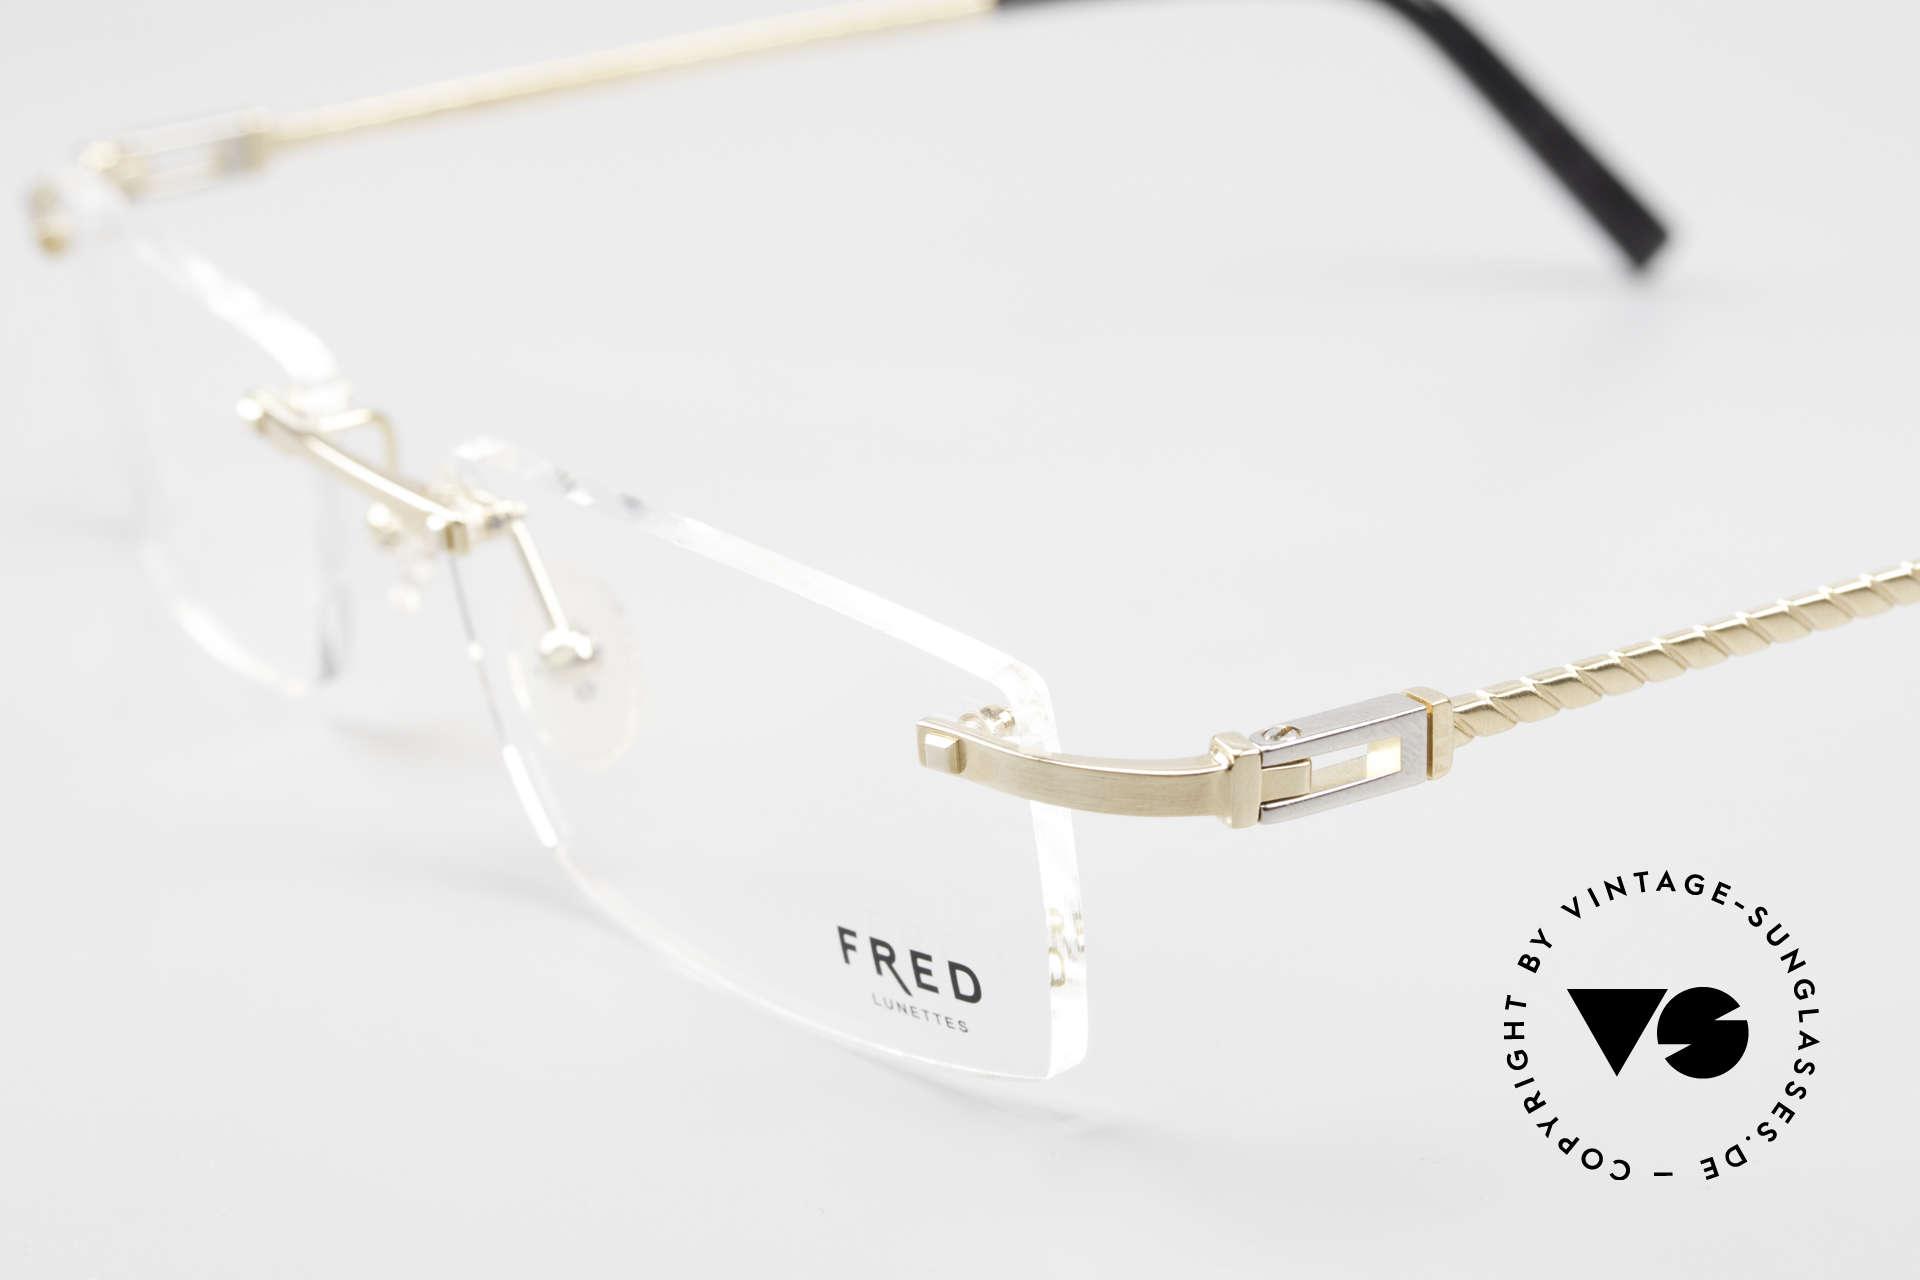 Fred Samoa Randlose Luxusbrille Segler, vergoldete Fassung mit Platin-Scharnieren (Luxusbrille), Passend für Herren